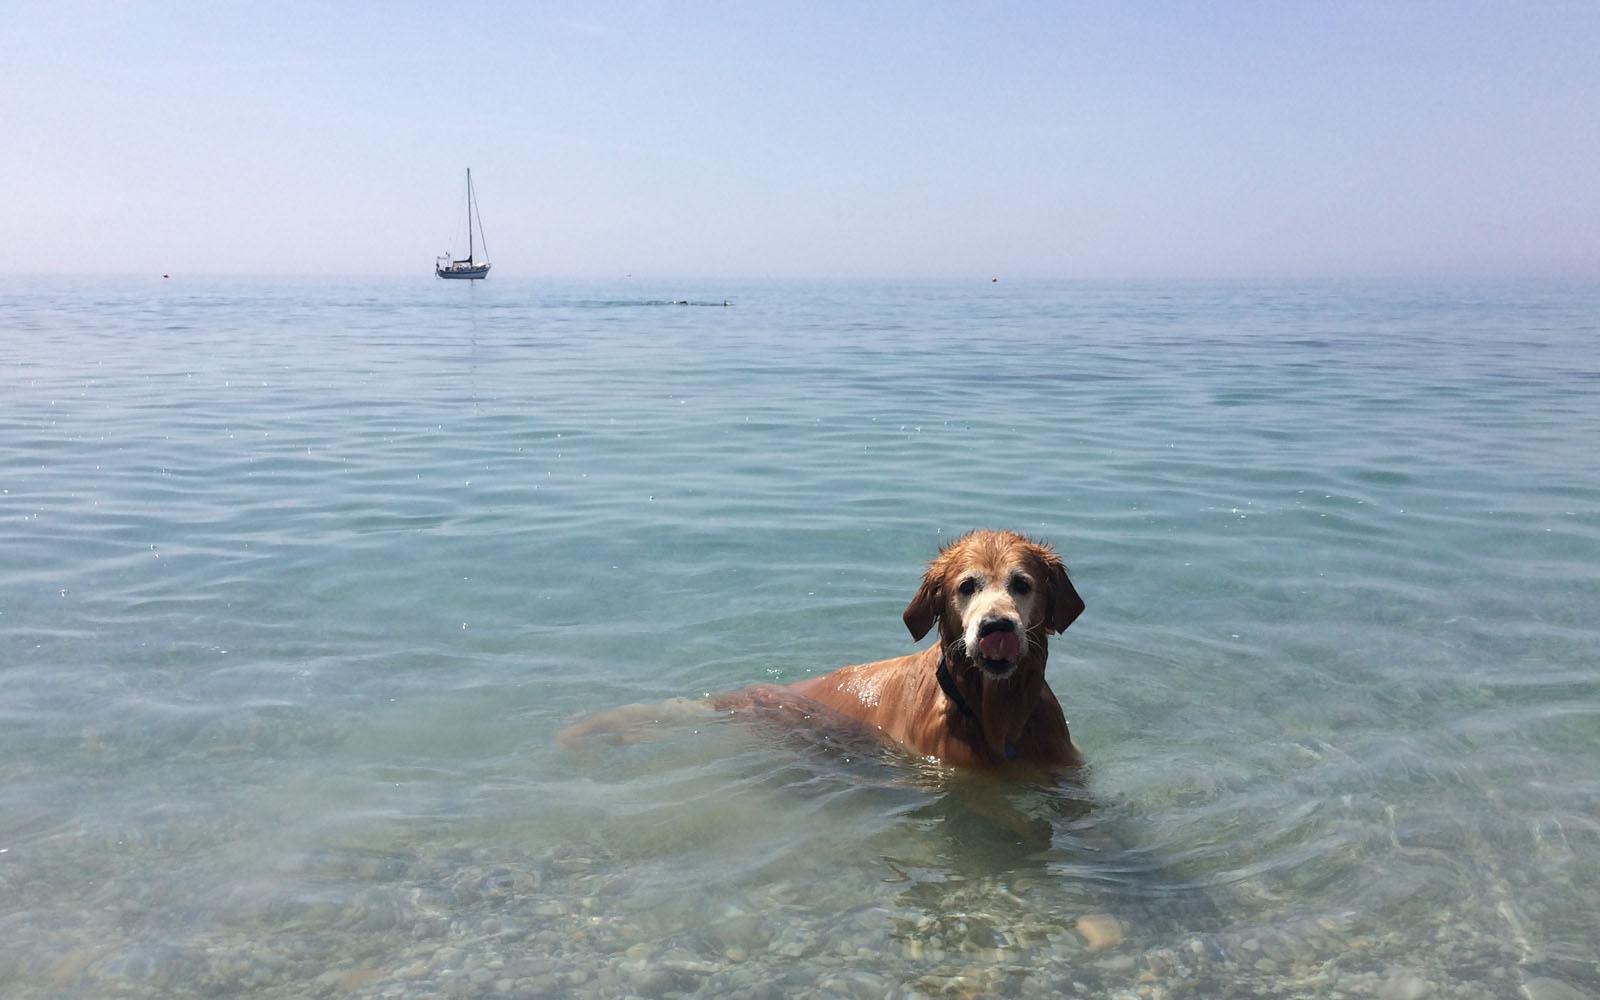 Il mio cane Felakuti mentre fa il bagno a Varigotti, nella spiaggia 20 Riviera.